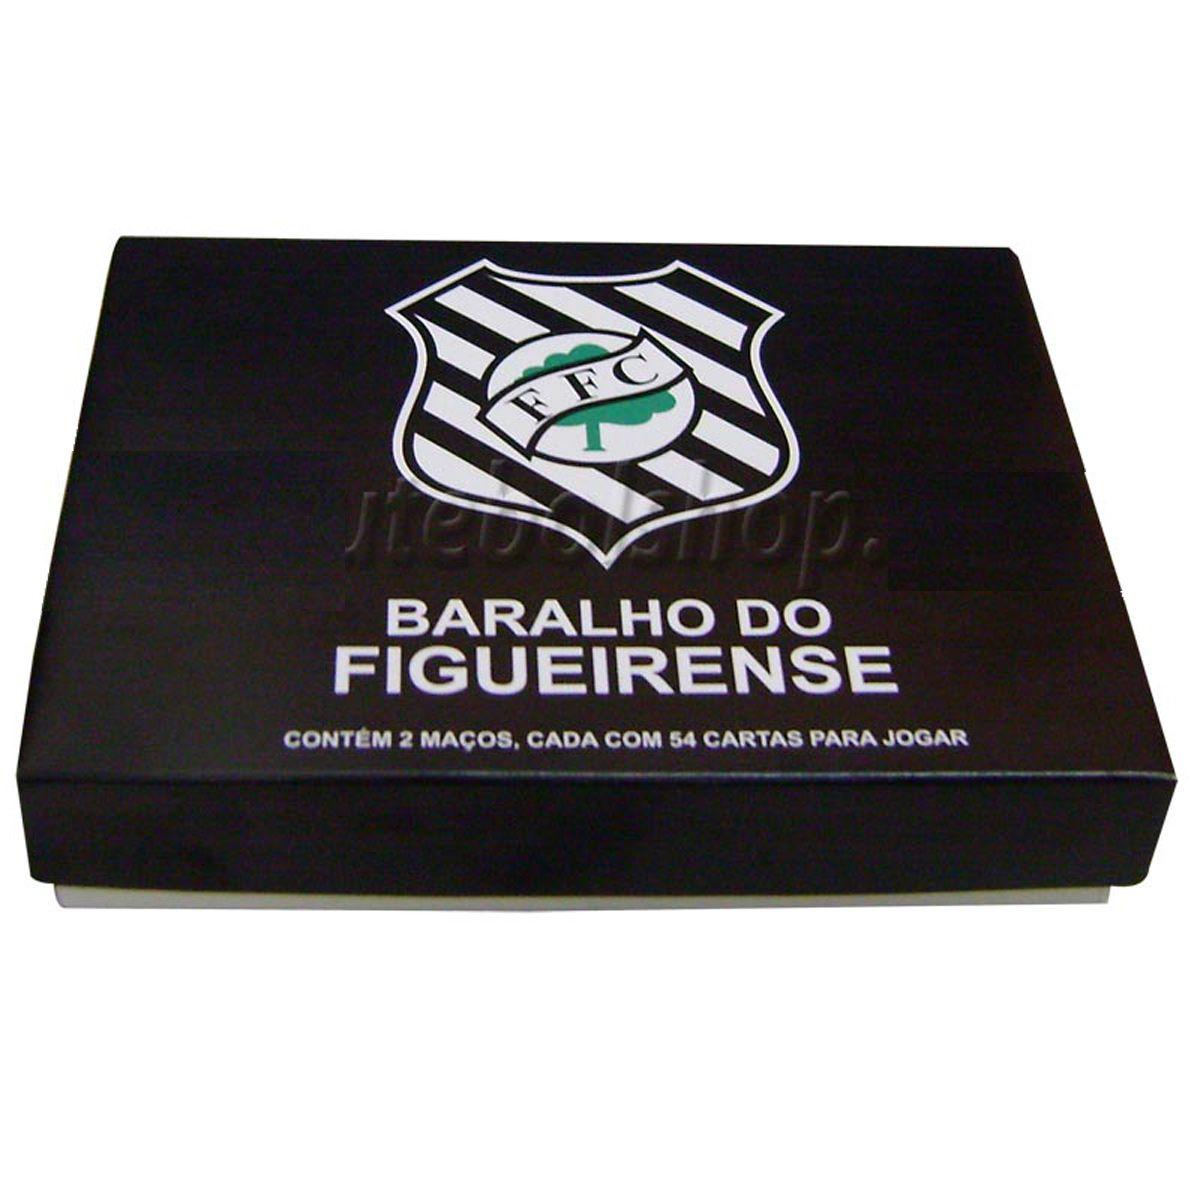 Jogo de Baralho Duplo do Figueirense